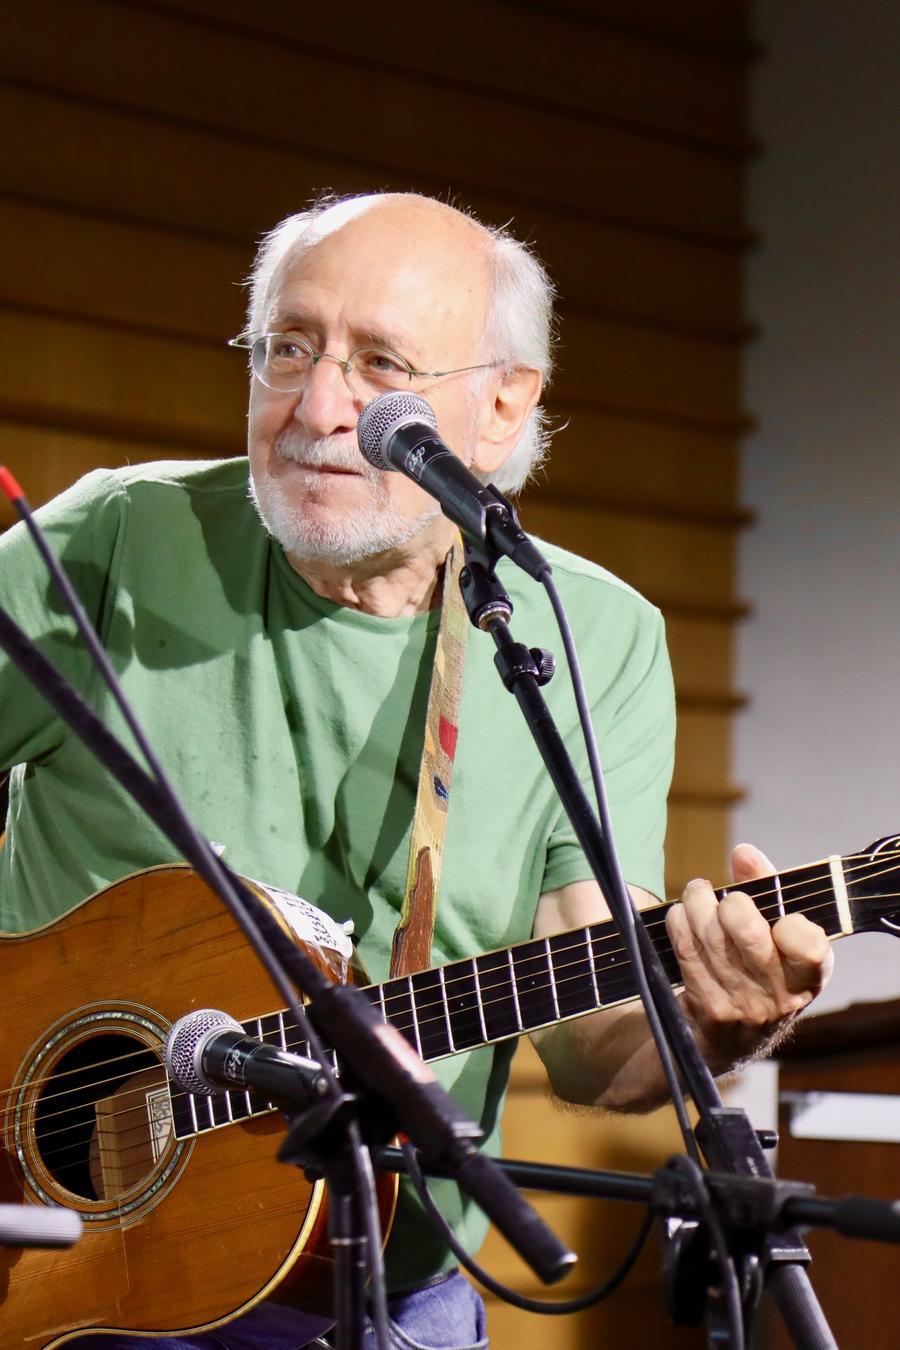 """El cantautor neoyorquino, Peter Yarrow, exmiembro del extinto grupo """"Peter,  Paul & Mary"""" ofreció un concierto en American University y reiteró su llamado a que los jóvenes continúen la lucha por la justicia social"""